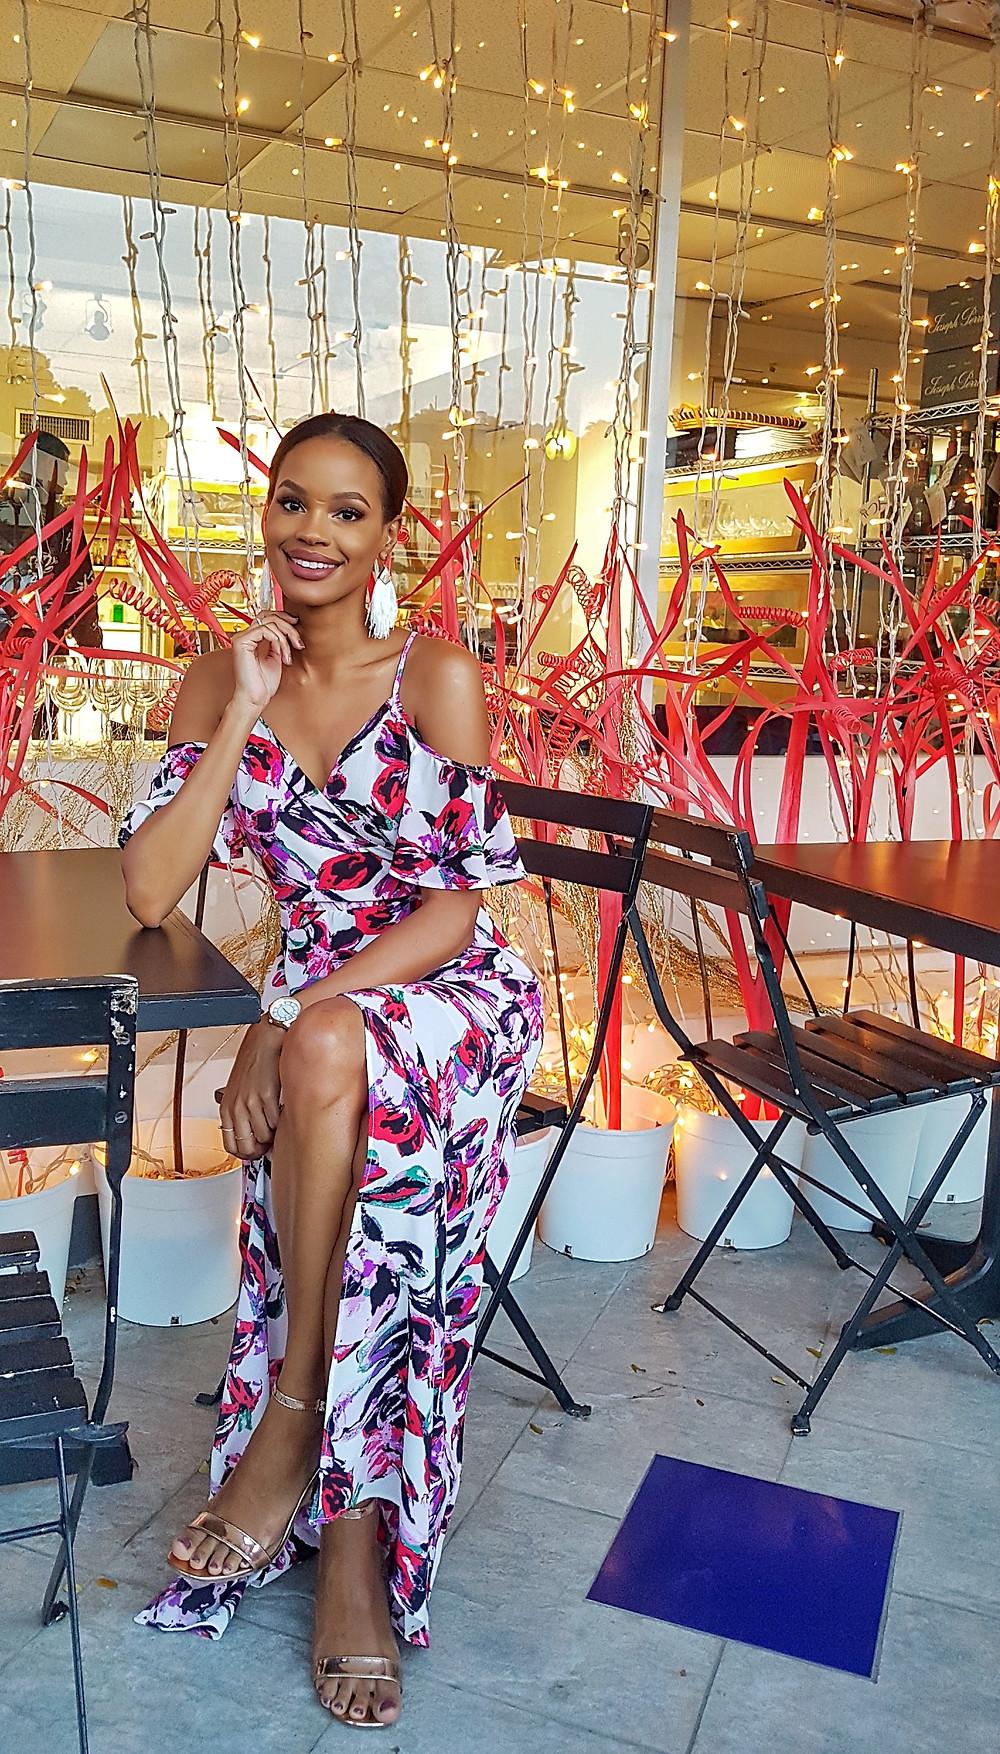 Chantelle Tatyana blog personal style